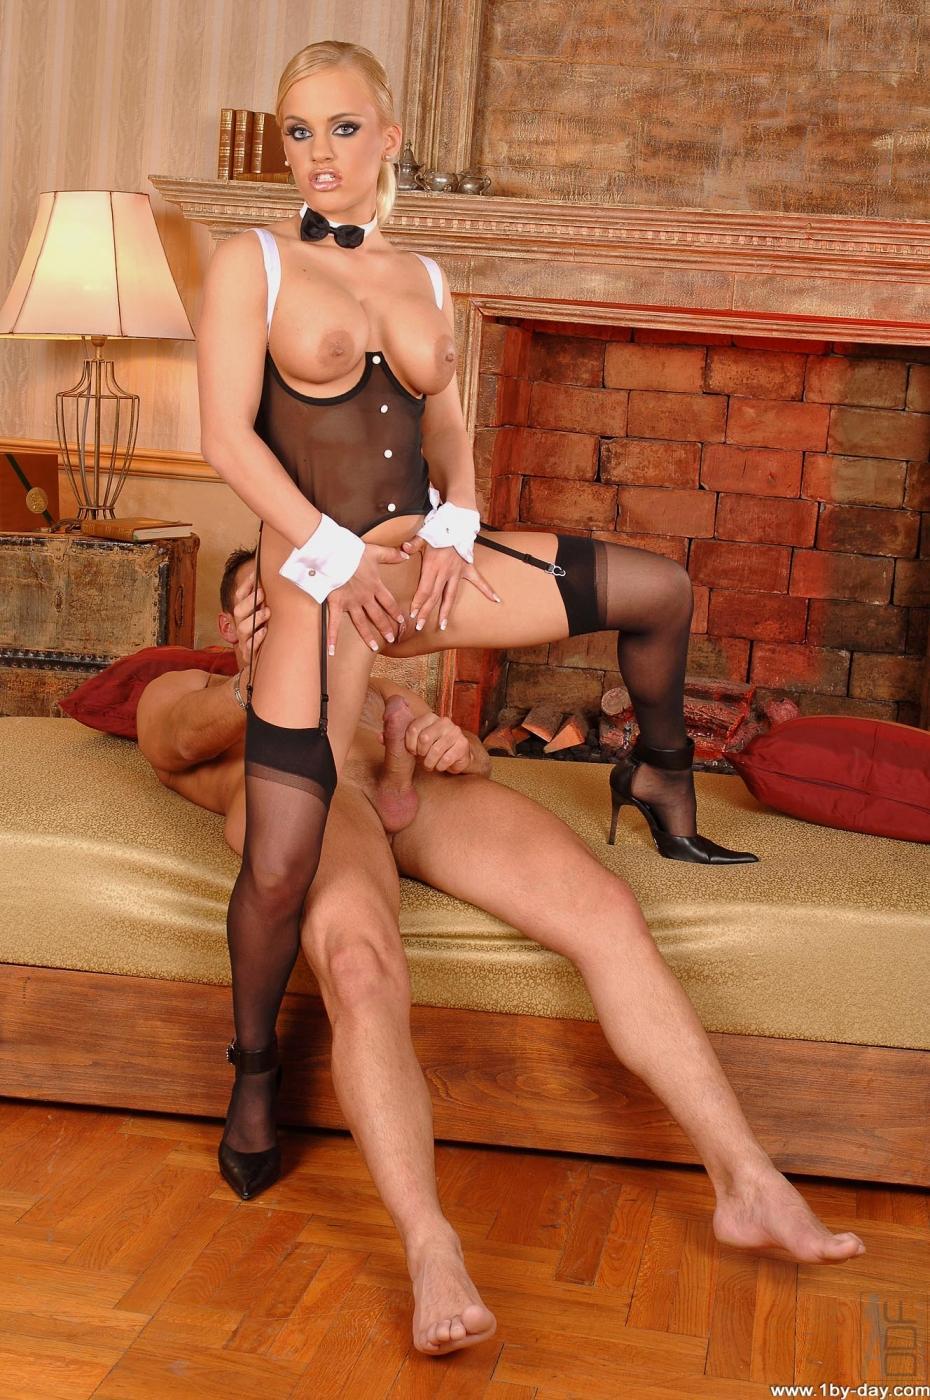 красивая сексуально молодая служанка трахается видео бесплатно